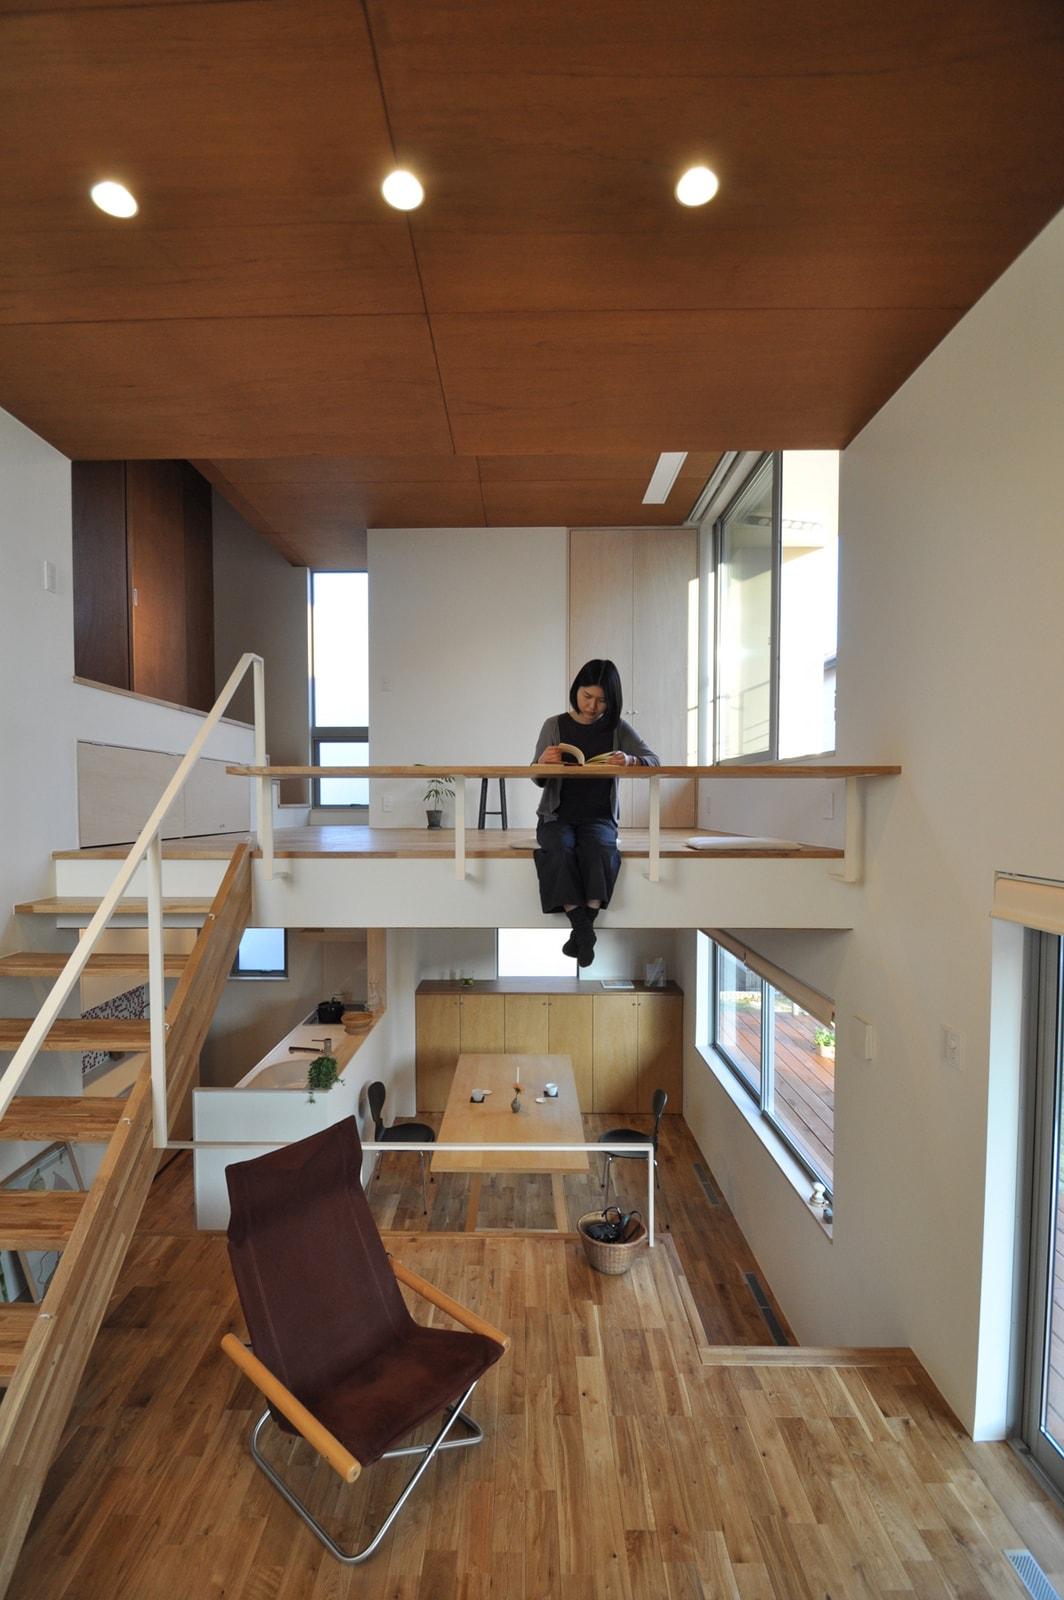 7層のスキップフロアでつながる柏木の家